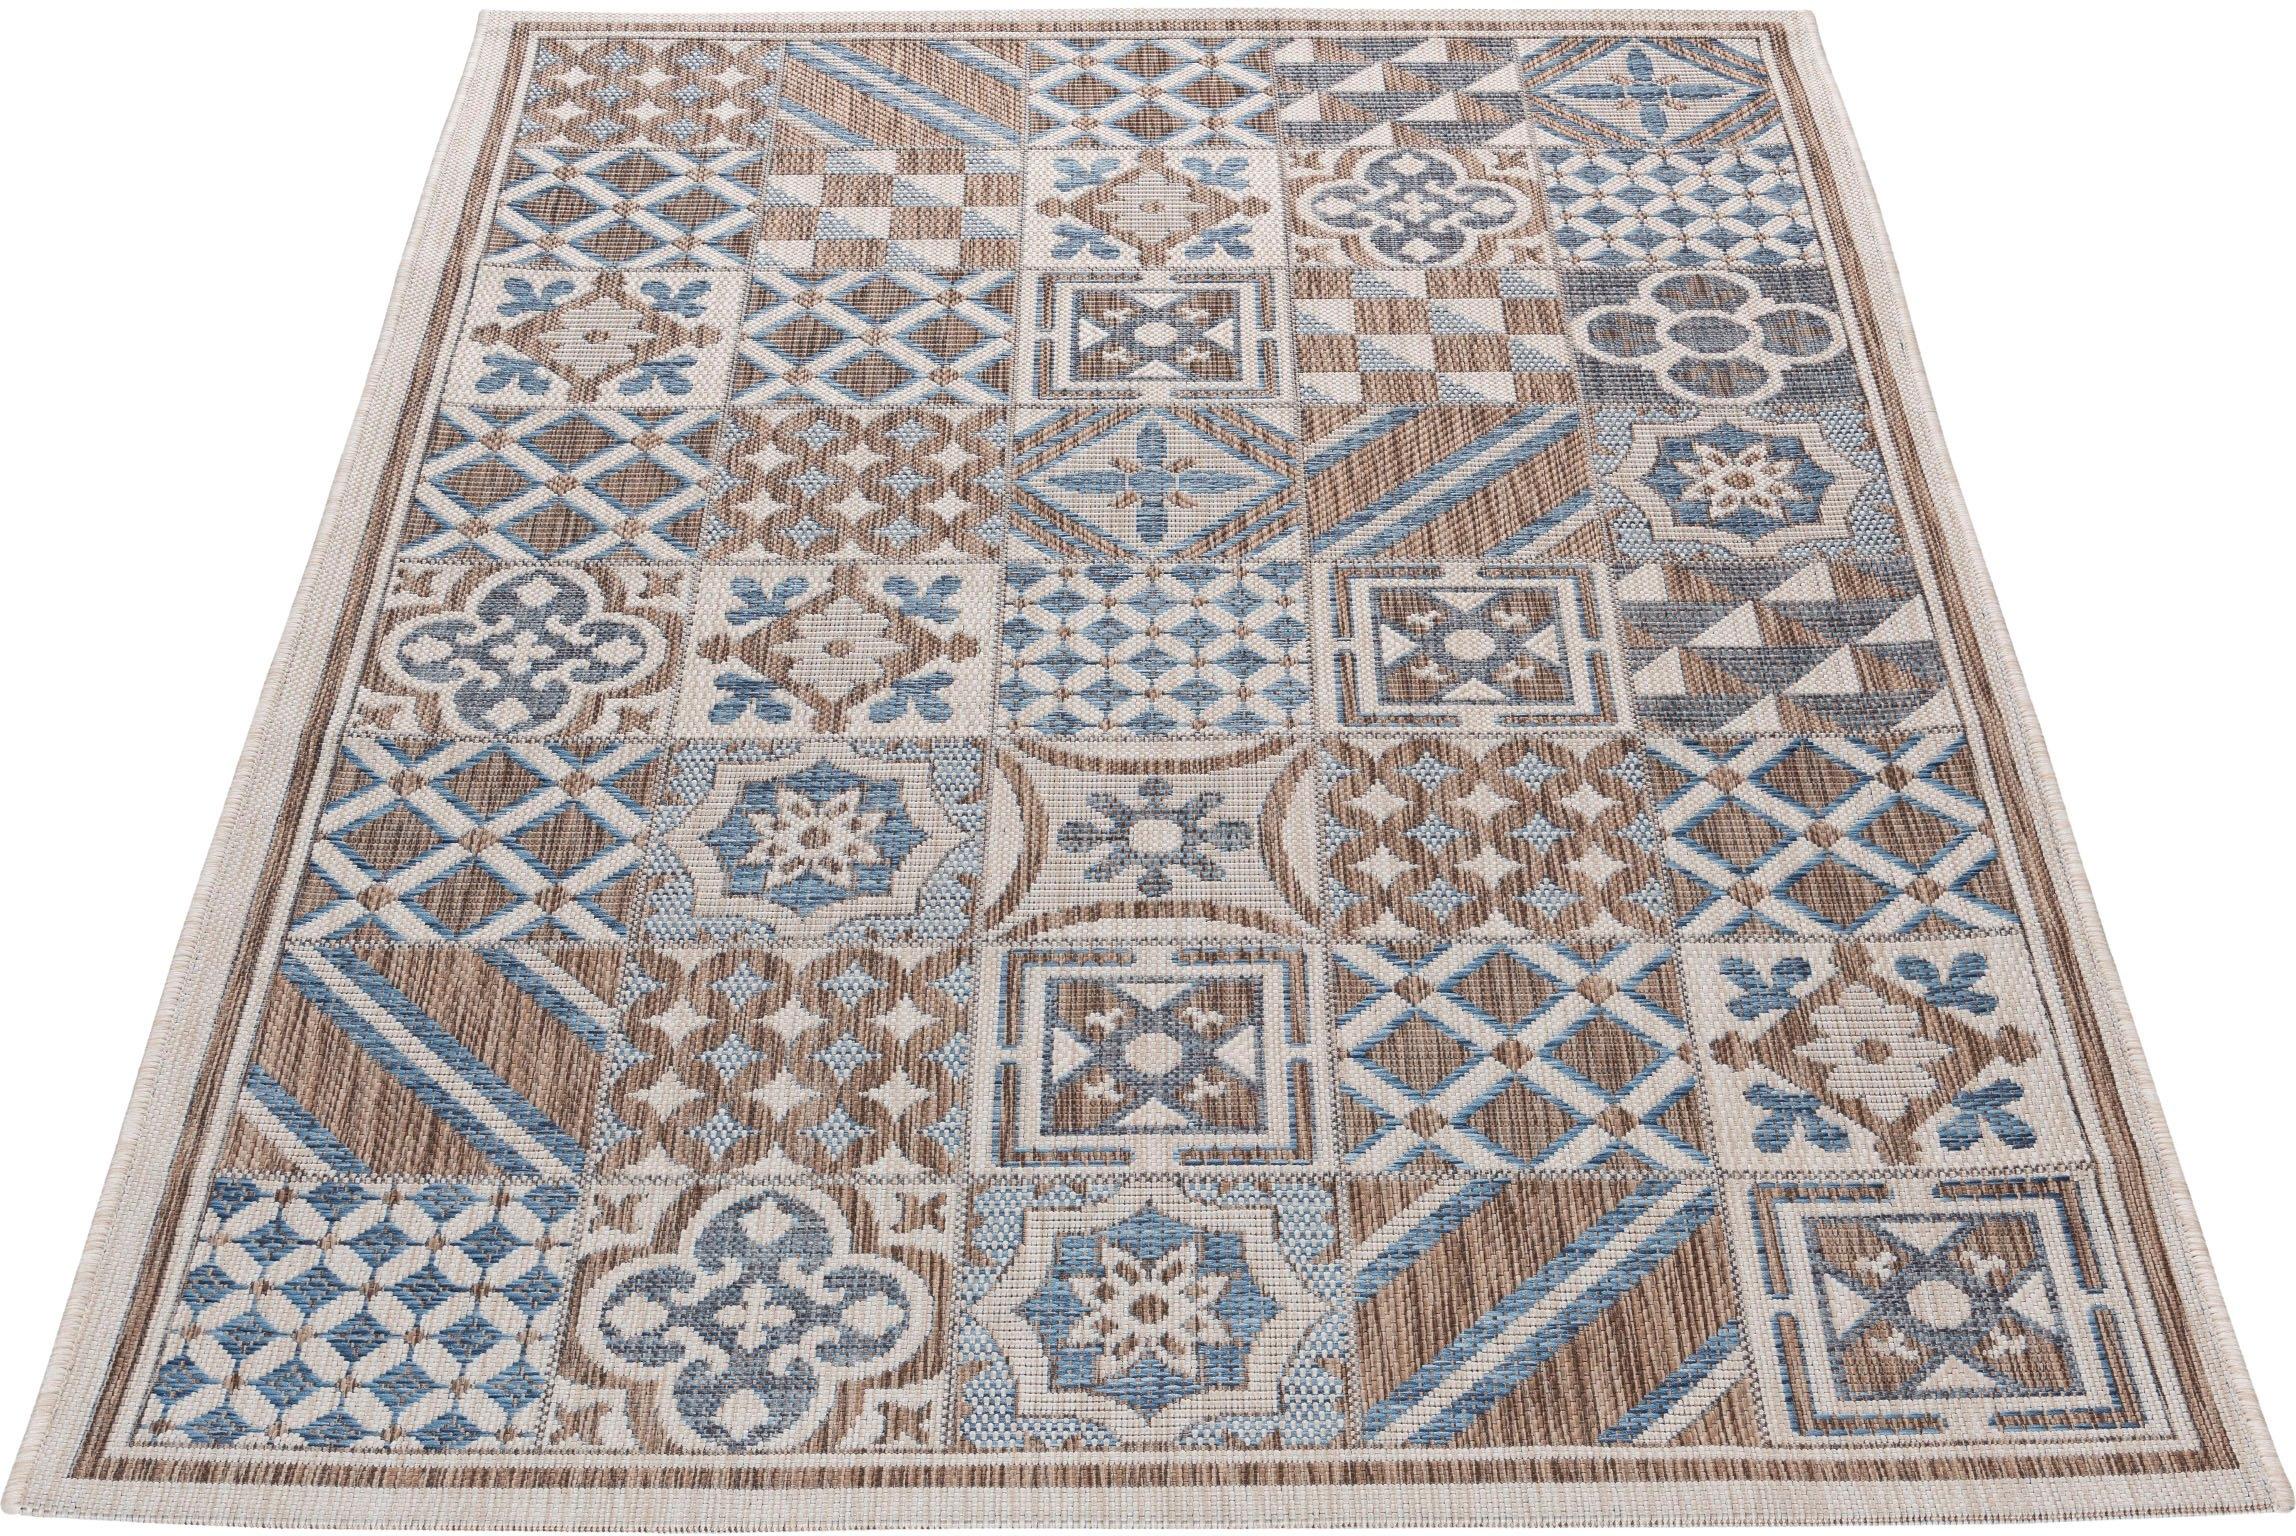 Sehrazat vloerkleed Magic 3690 Geschikt voor binnen en buiten, woonkamer nu online bestellen